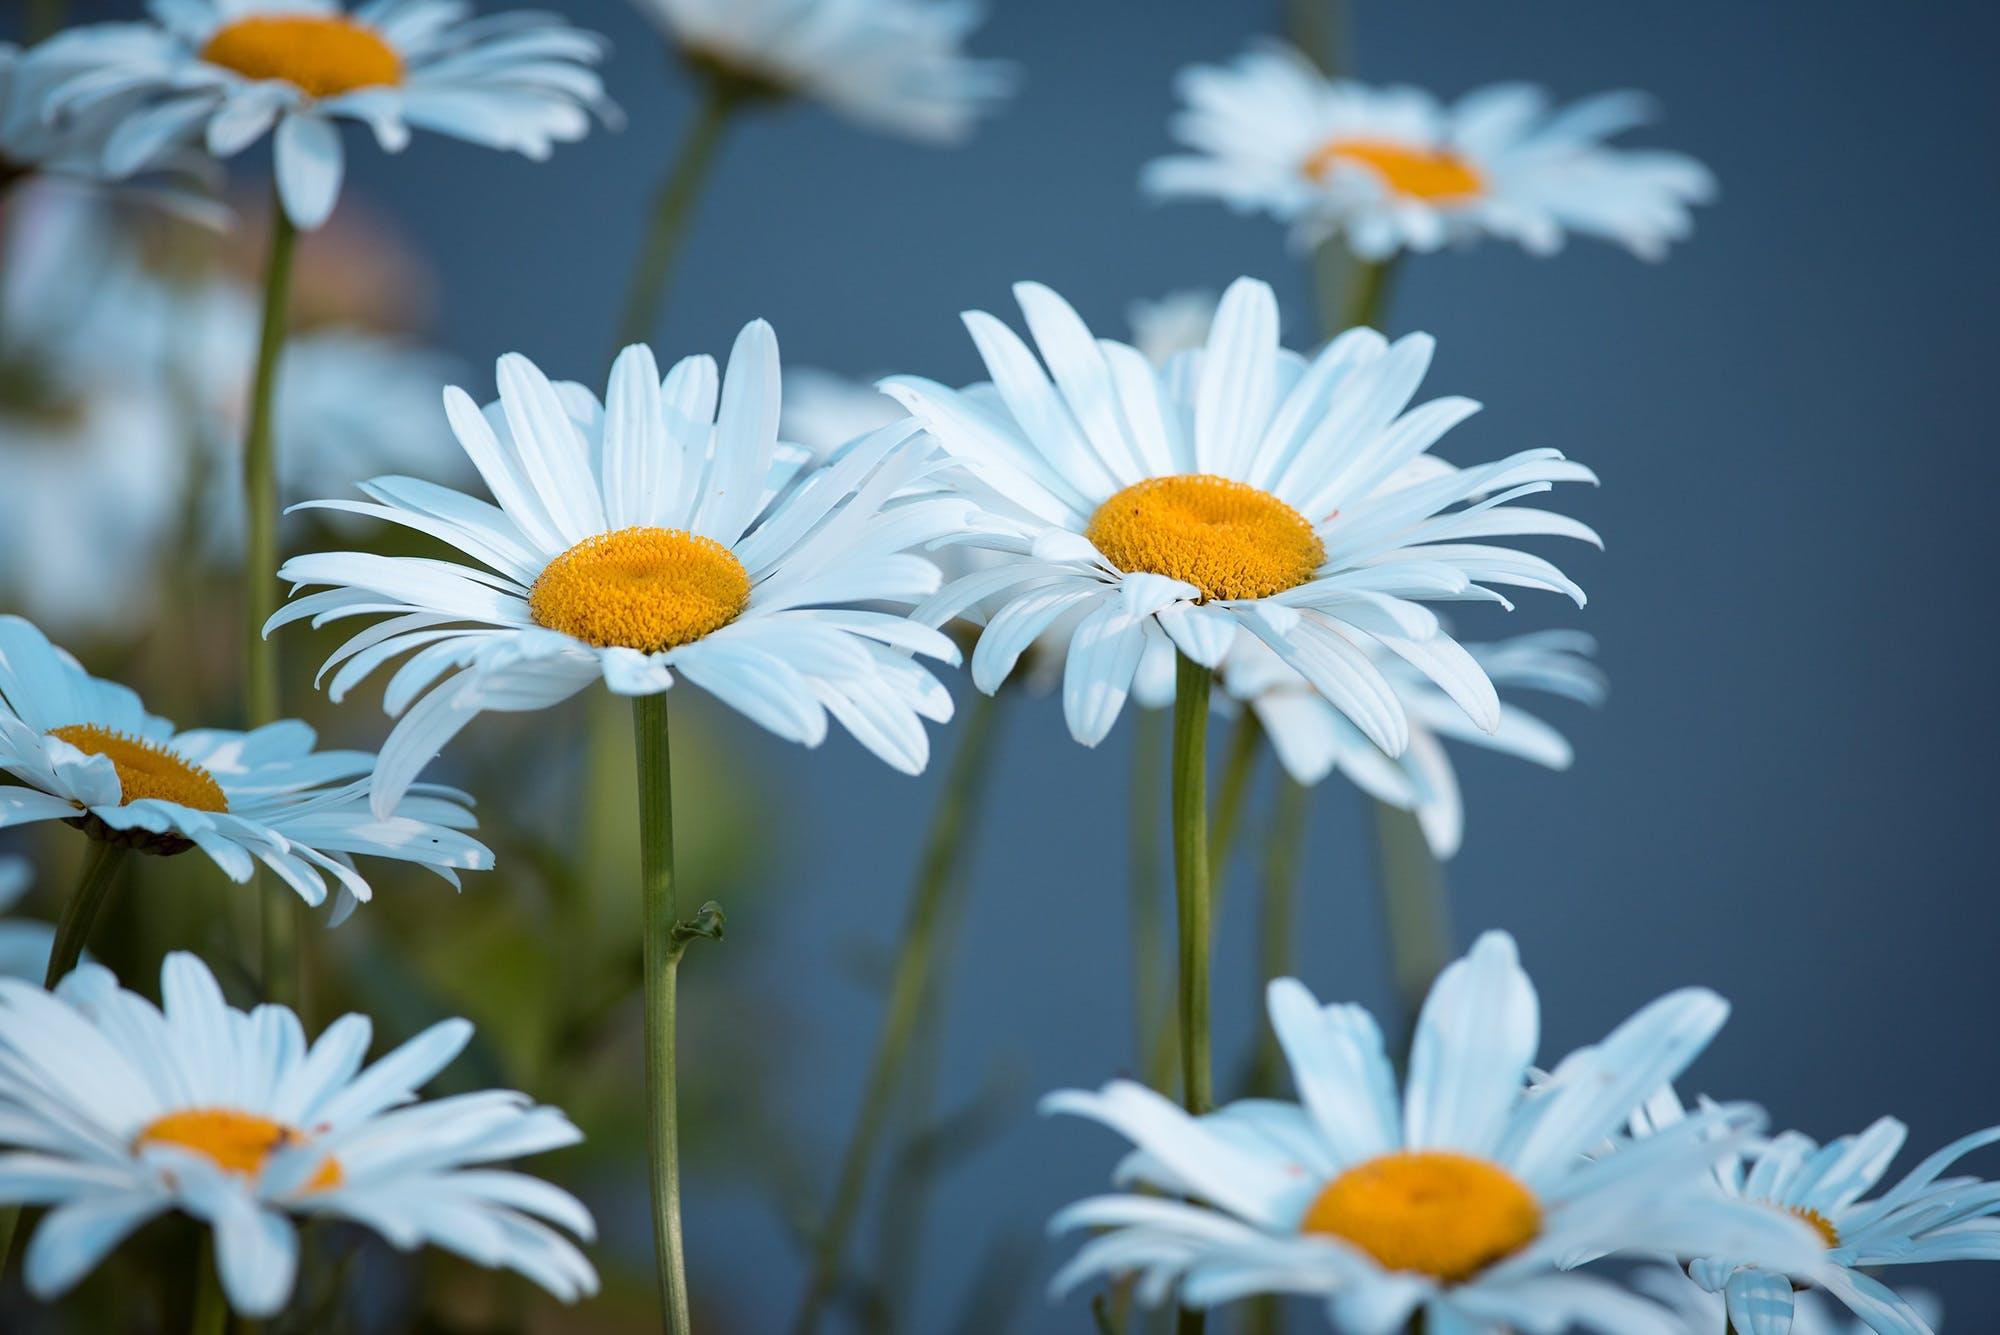 Gratis lagerfoto af bellis, blomster, blomstrende, close-up